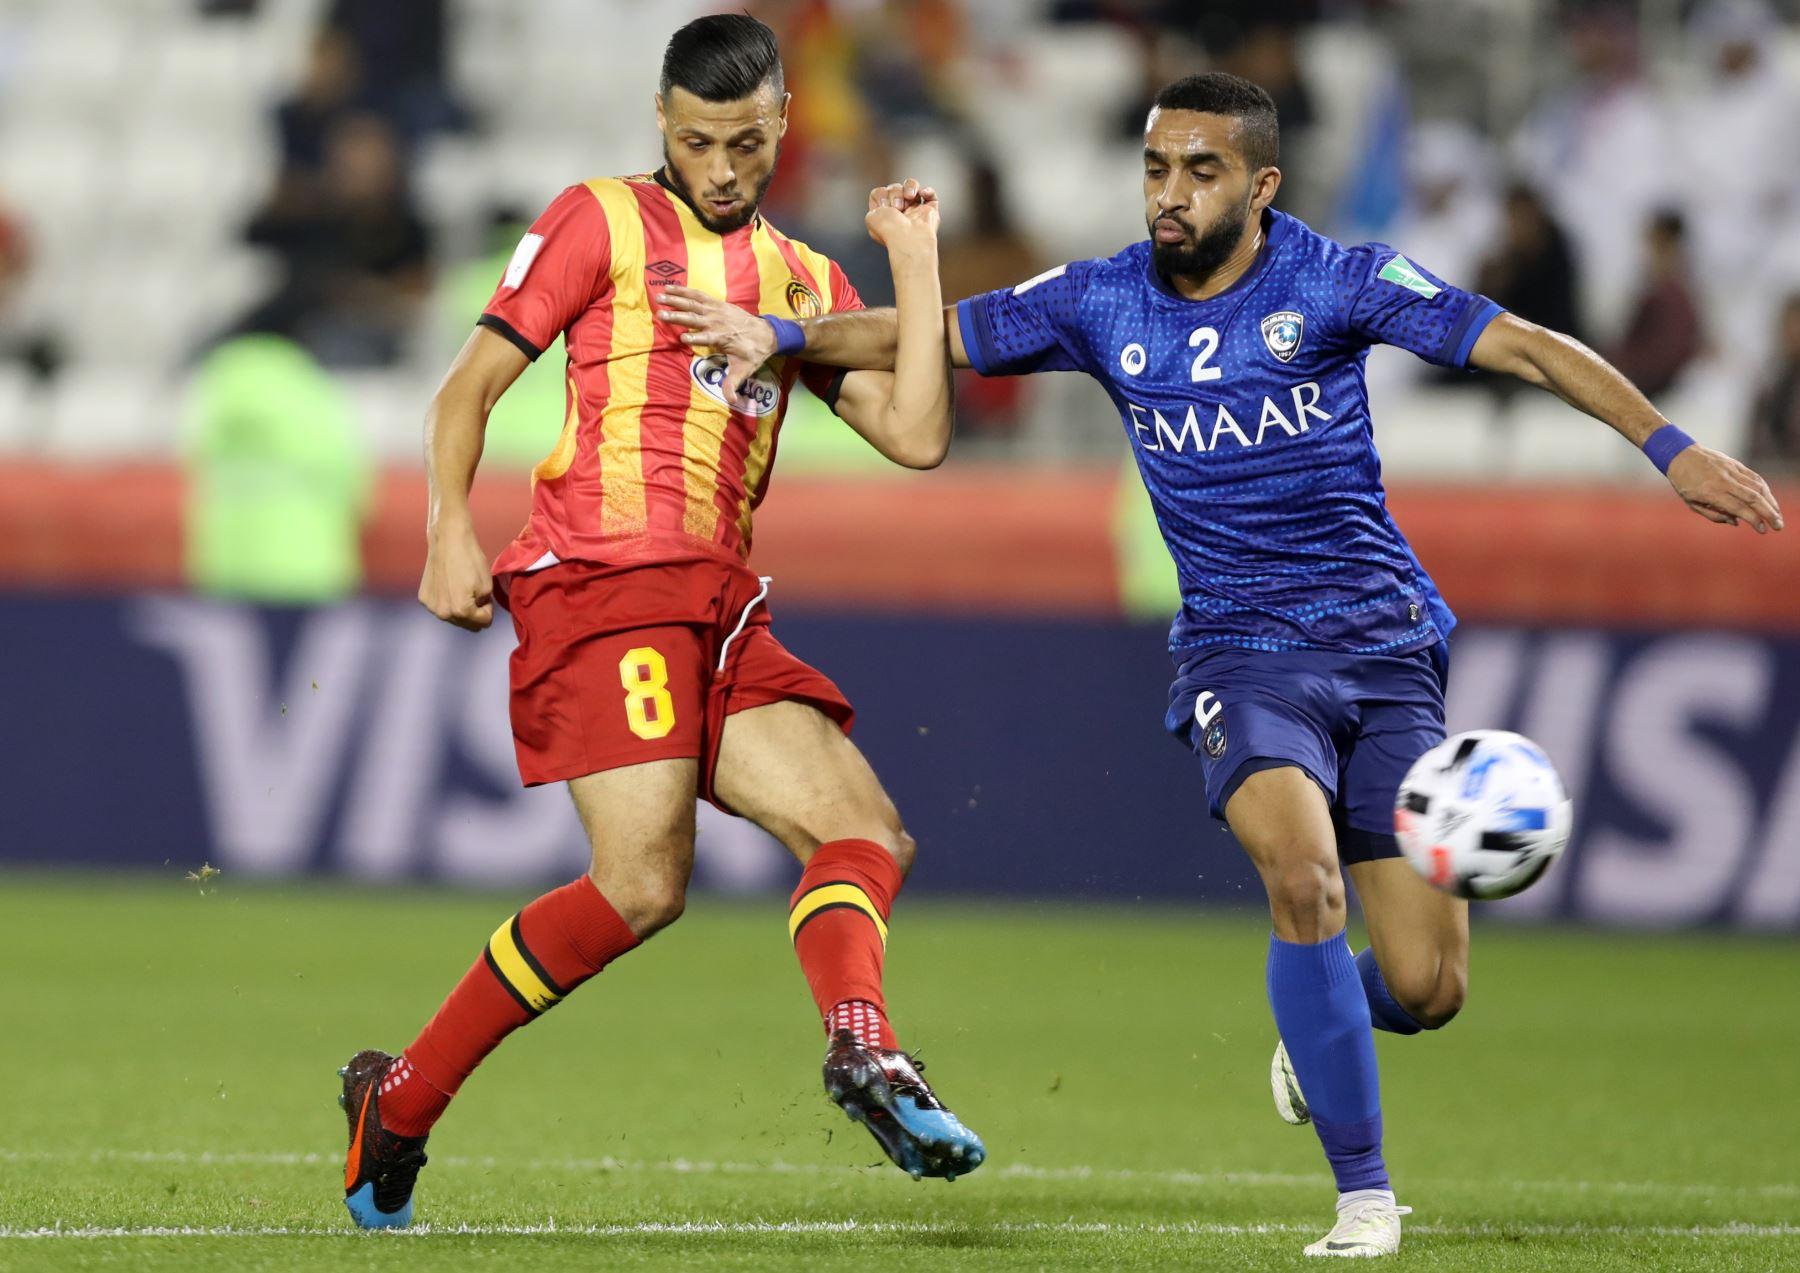 El delantero de Esperance, Anice Badri (L) compite por el balón contra el defensor de Hilal, Mohammed al-Breik (R) durante el partido de fútbol de cuartos de final de la Copa Mundial de Clubes de la FIFA 2019 entre Hilal y Esperance de Tunis. Foto: AFP